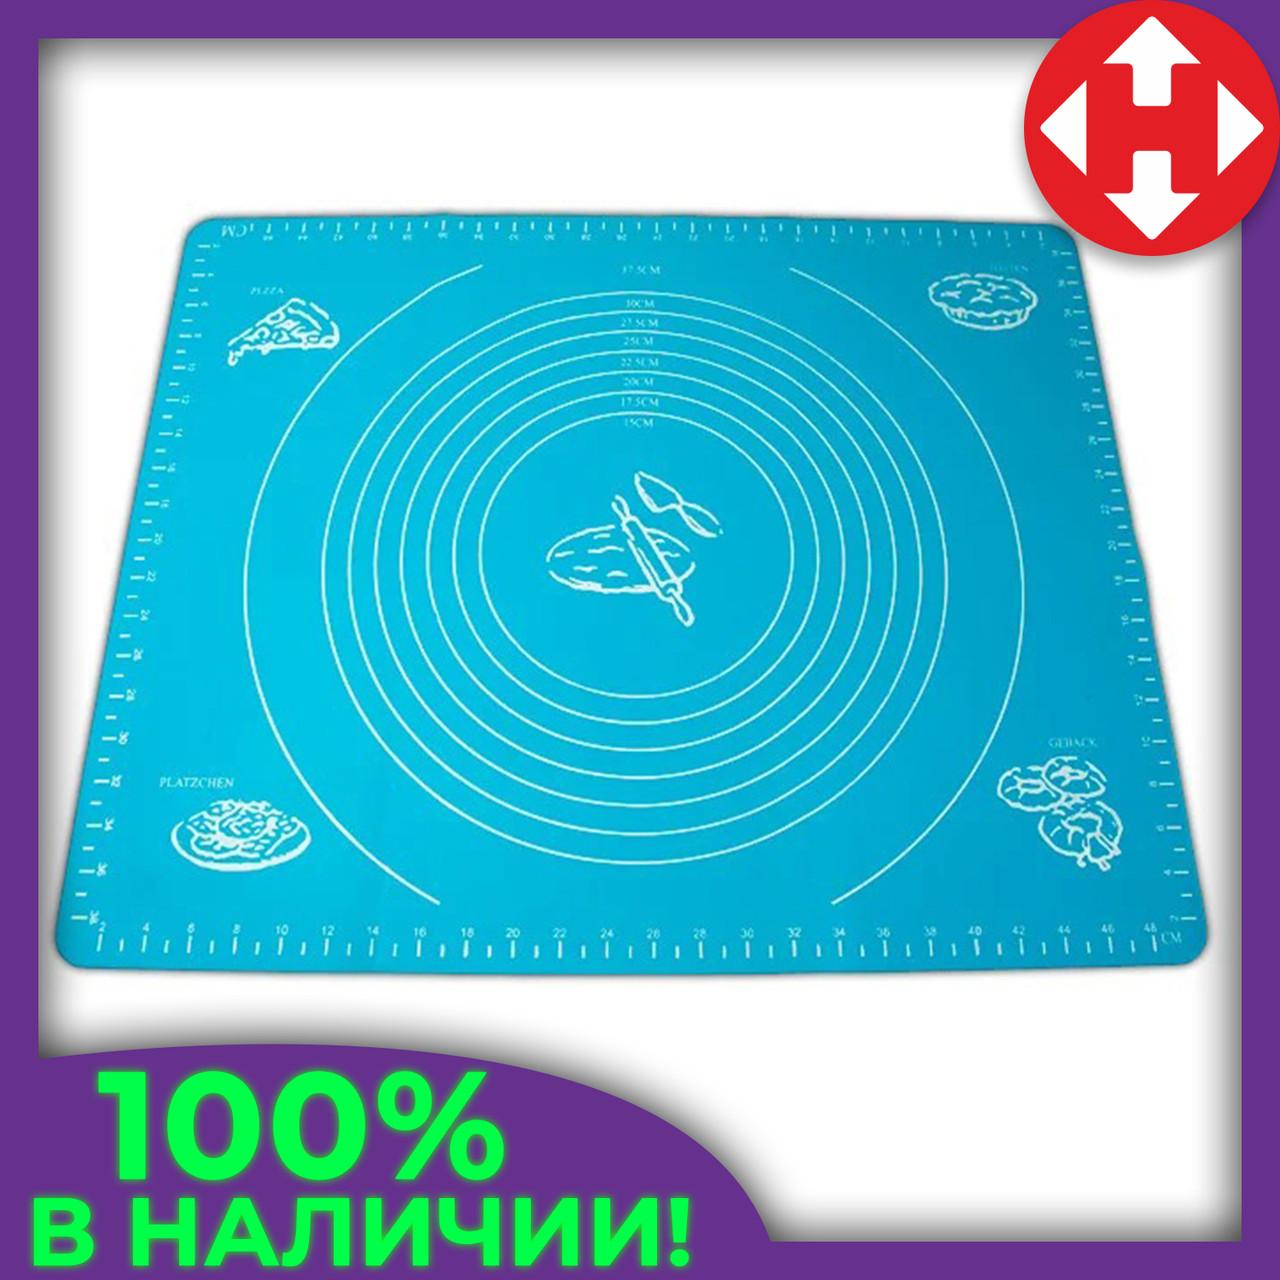 Коврик для выпечки - силиконовый коврик для раскатки теста и запекания в духовке синего цвета